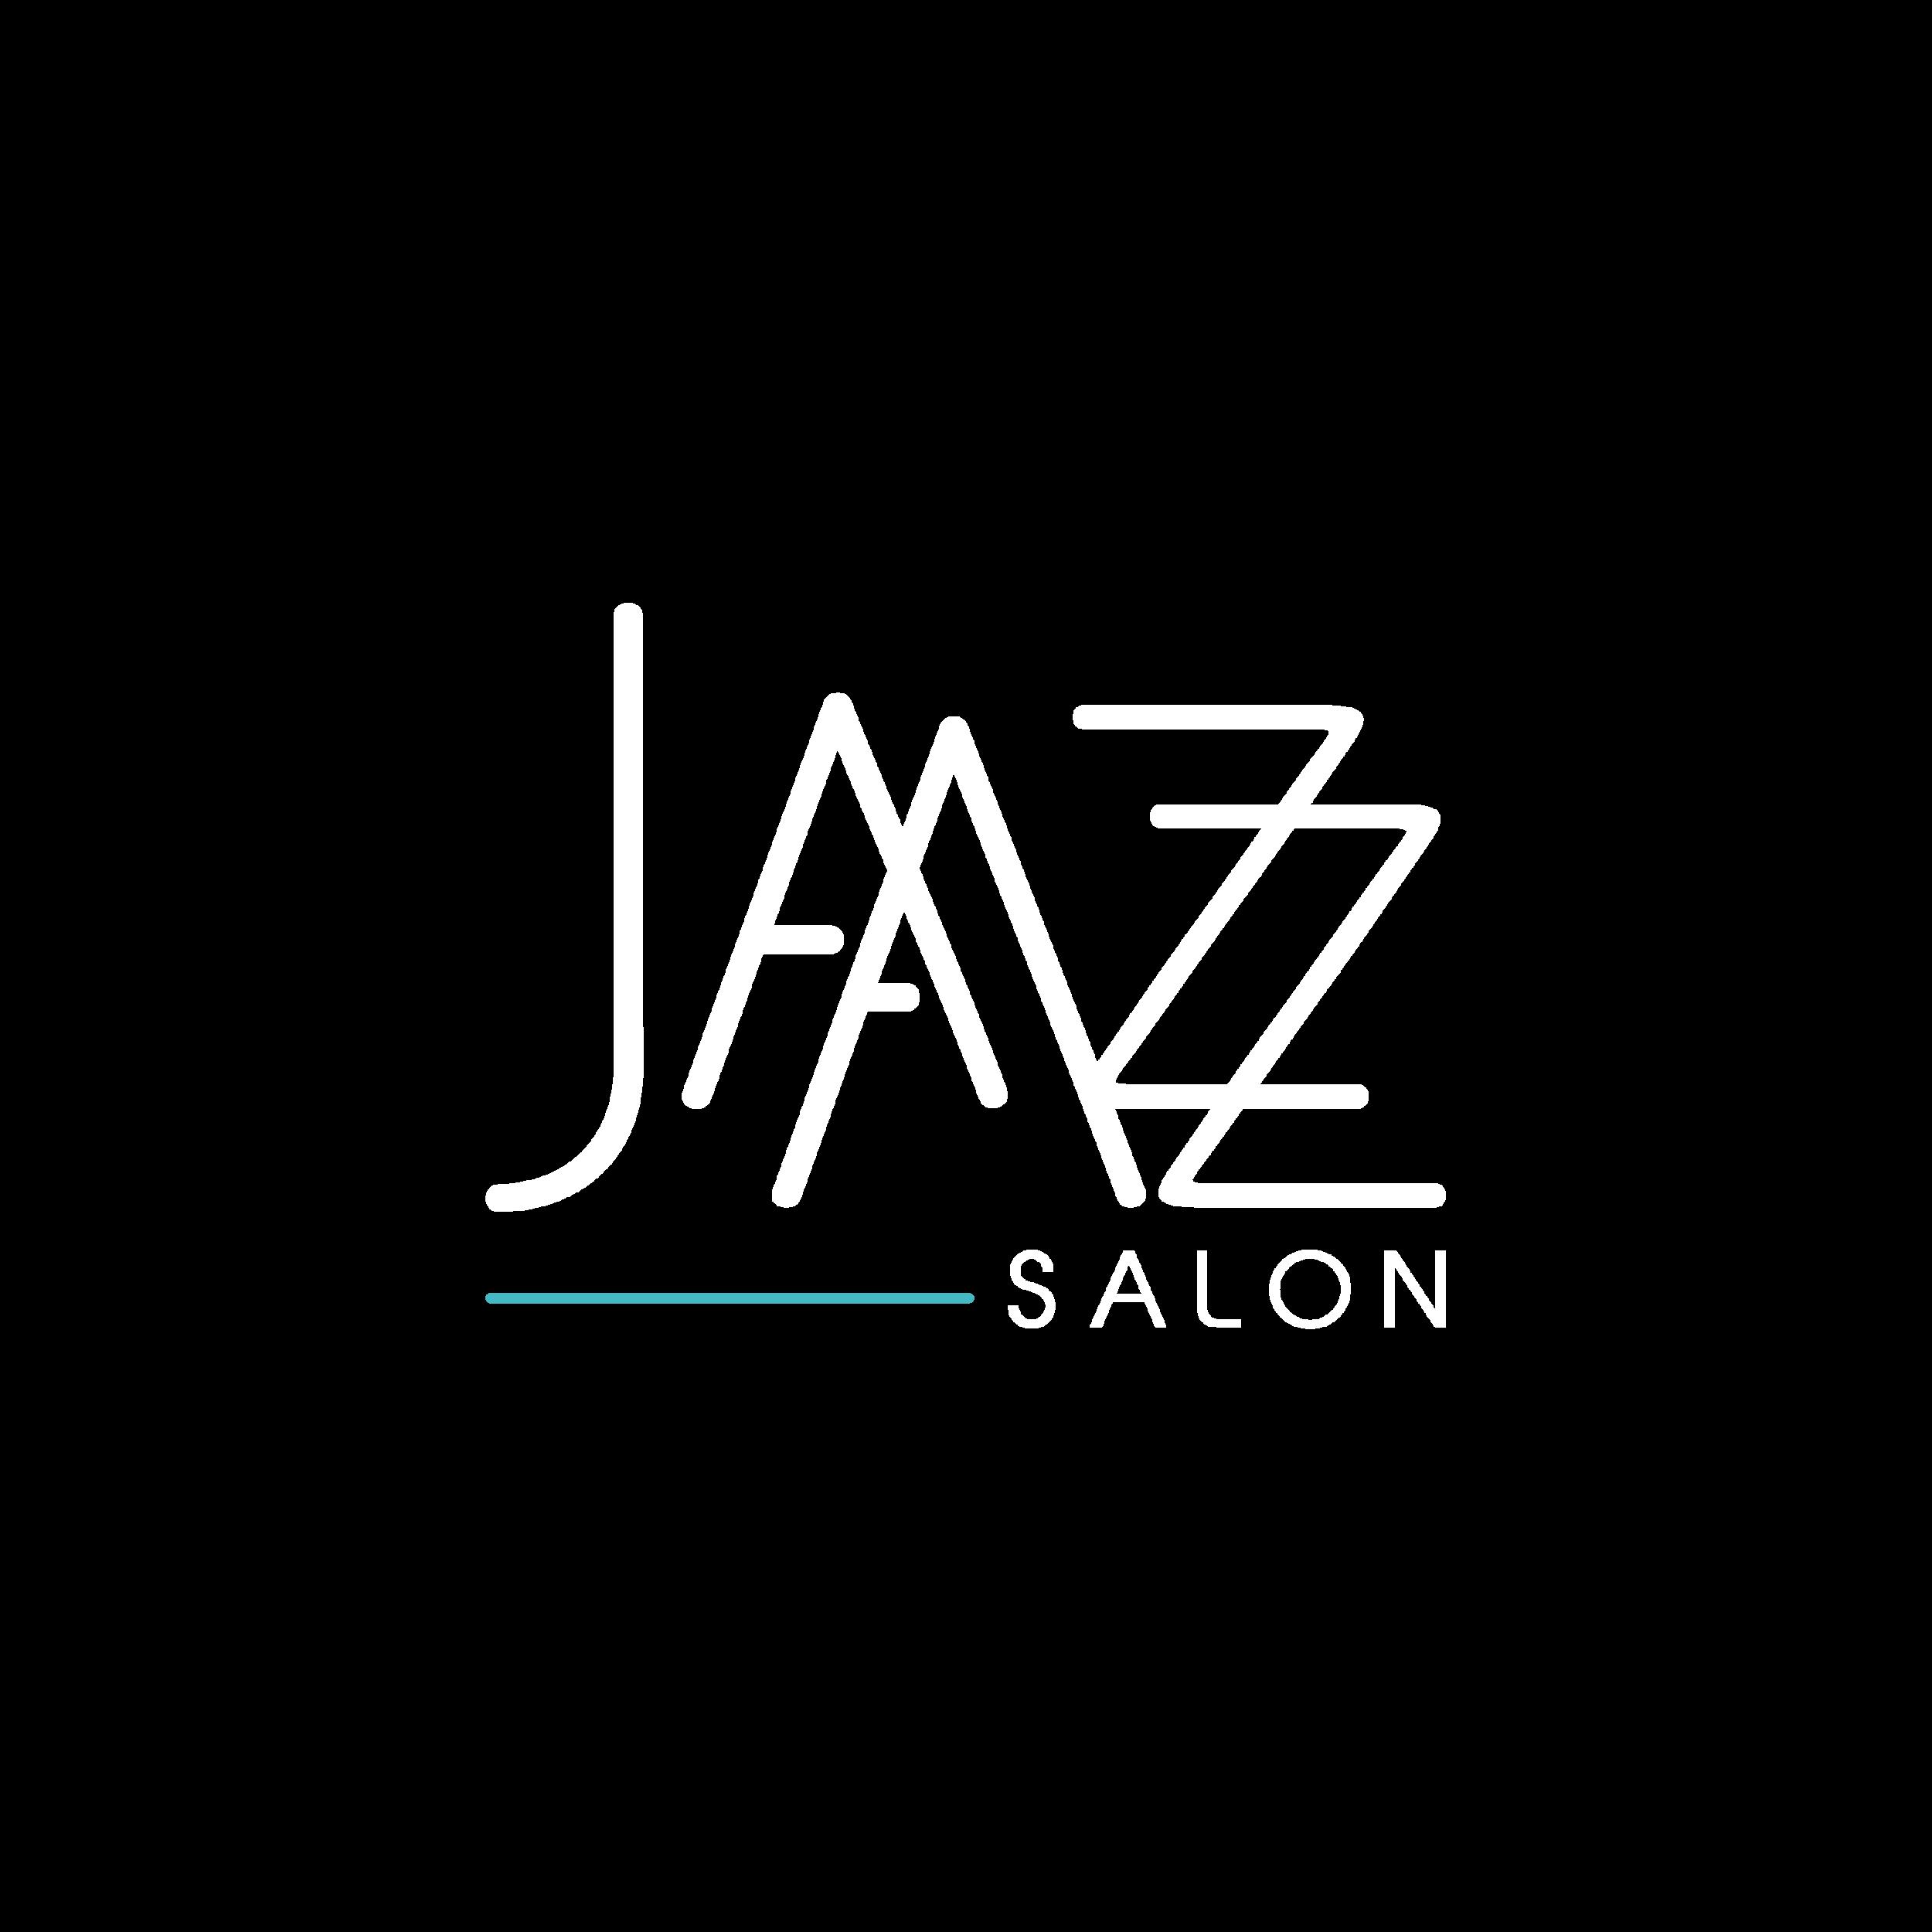 JAZZ Transparent-02.png